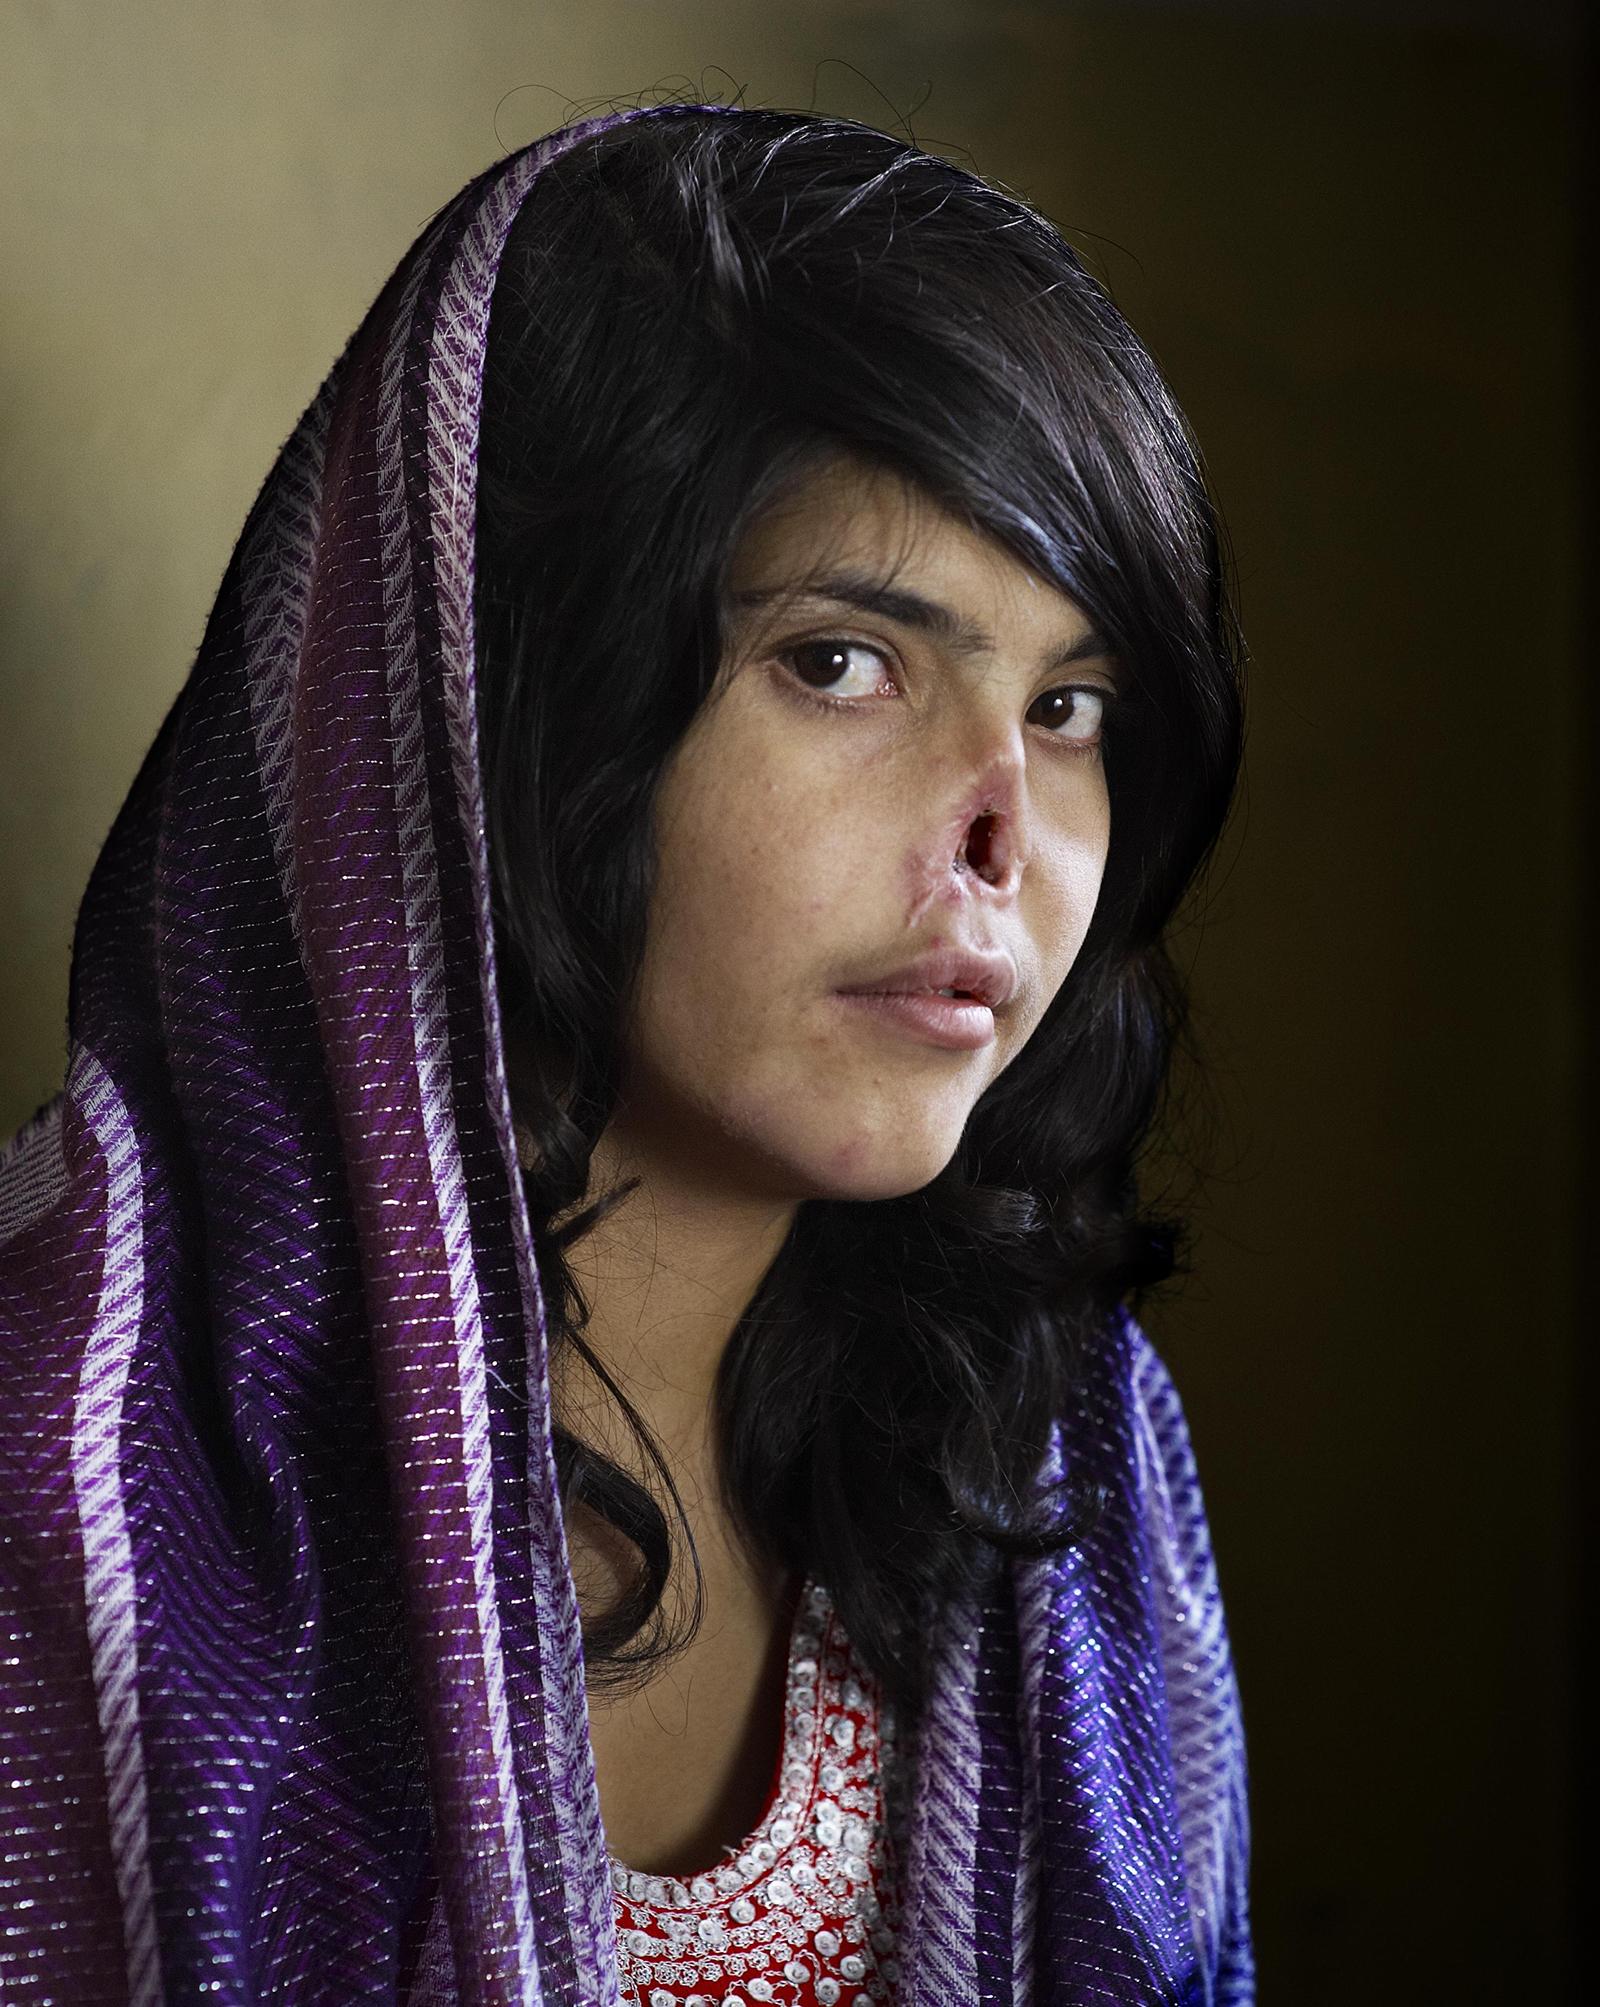 20 bức ảnh mô tả chân thật những mặt tối đau đớn của nhân loại